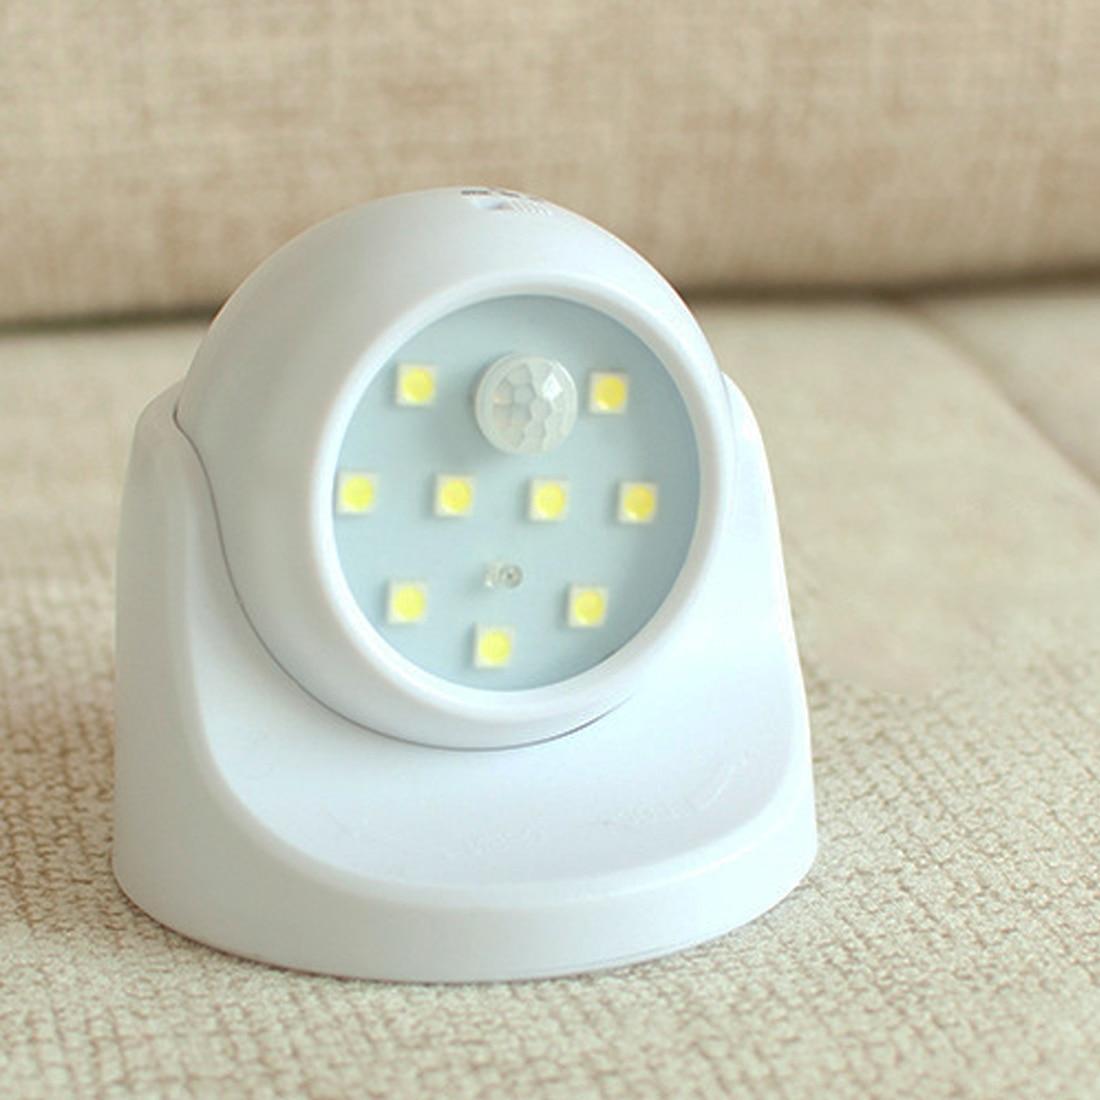 9 lámpara LED con cuentas de pared luces de Sensor de movimiento de luz de la noche de la rotación de 360 grados Auto inalámbrico PIR infrarrojo ir de seguridad, Detector de la lámpara Nueva luz nocturna con Sensor de movimiento inteligente LED lámpara de noche a pilas WC lámpara de noche para habitación pasillo inodoro DA